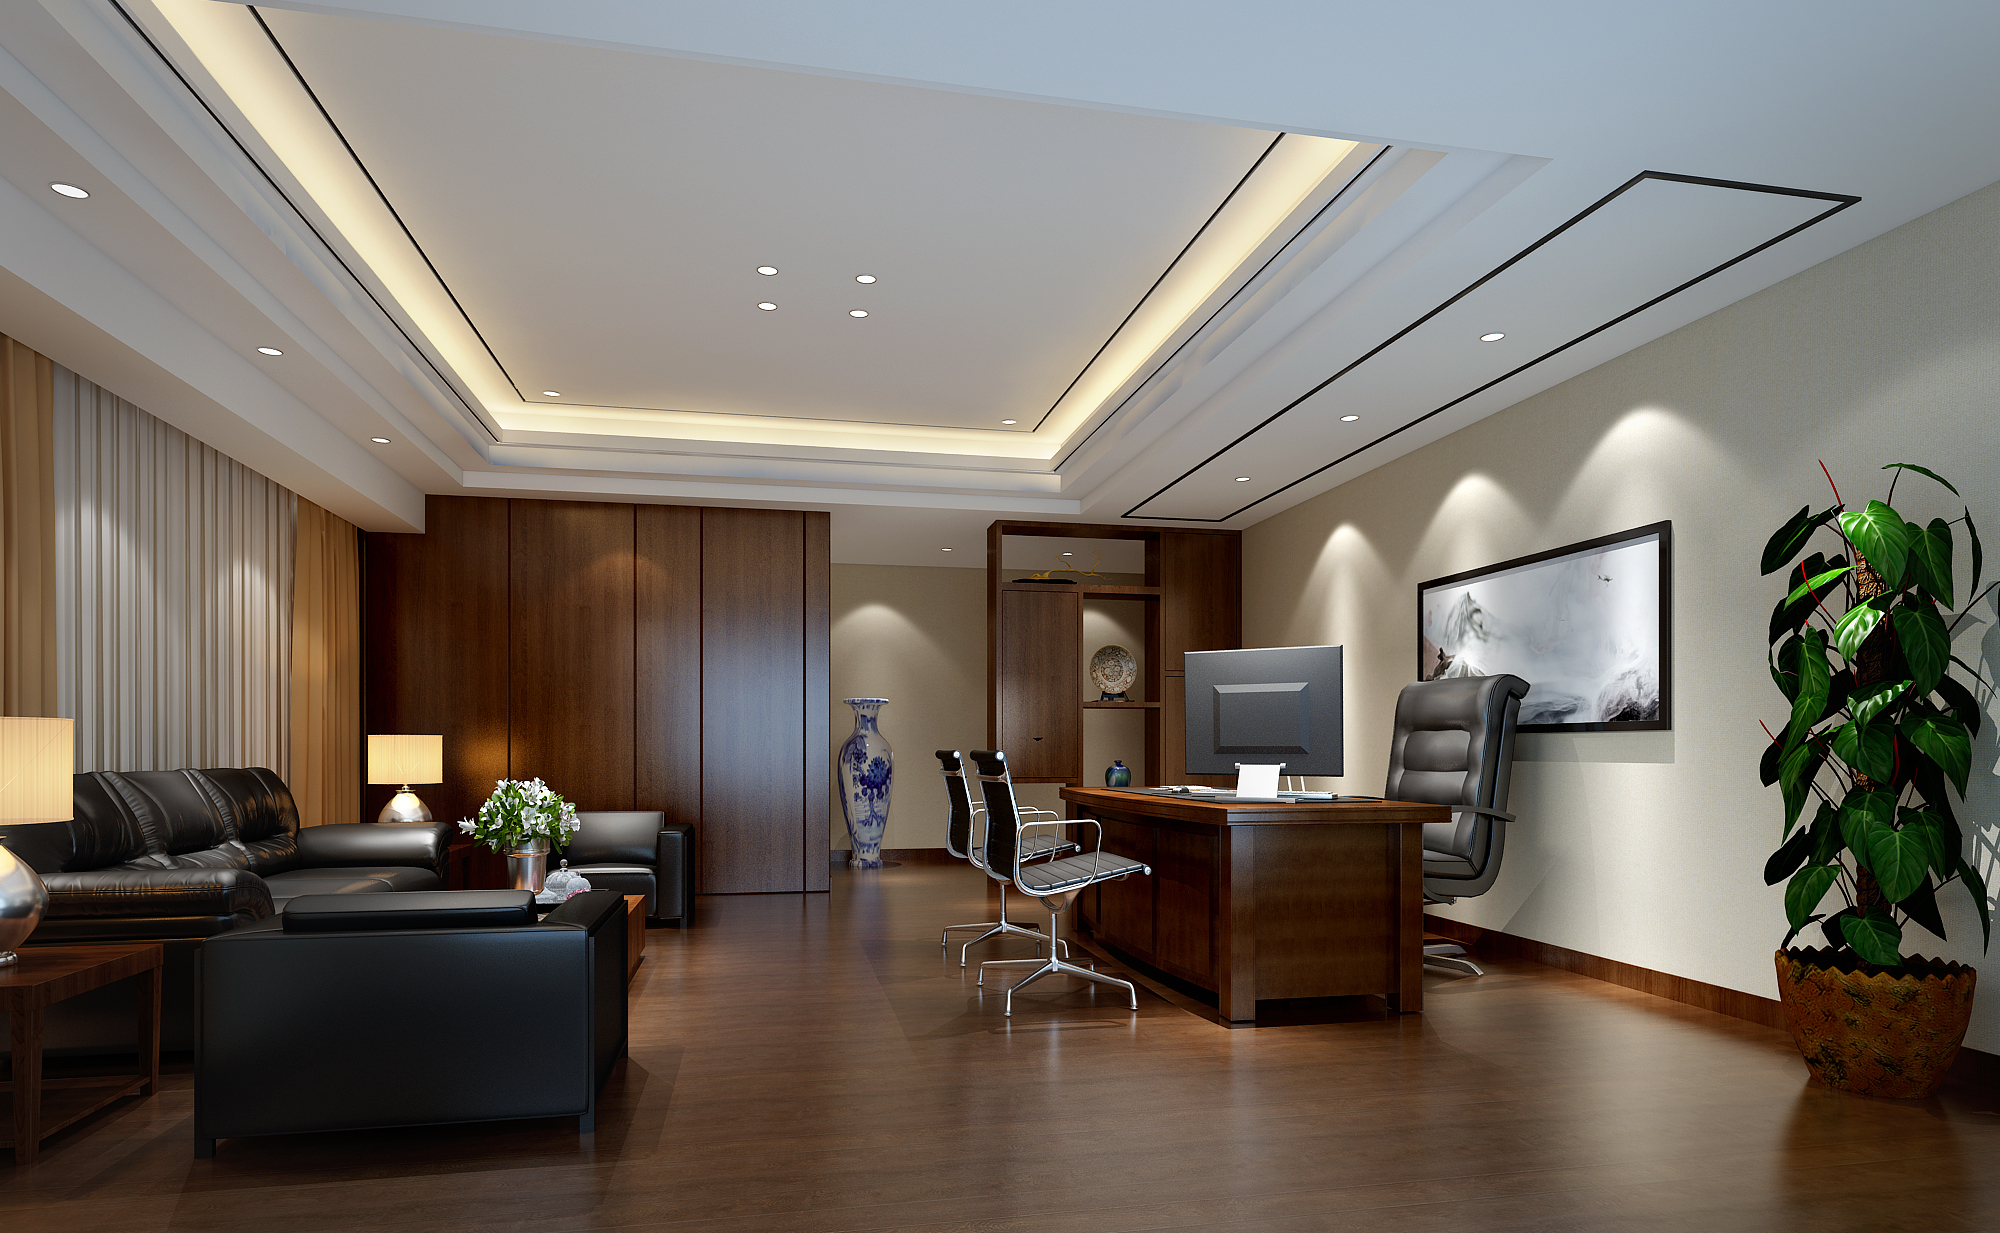 简约舒适的办公室装修效果图(二)